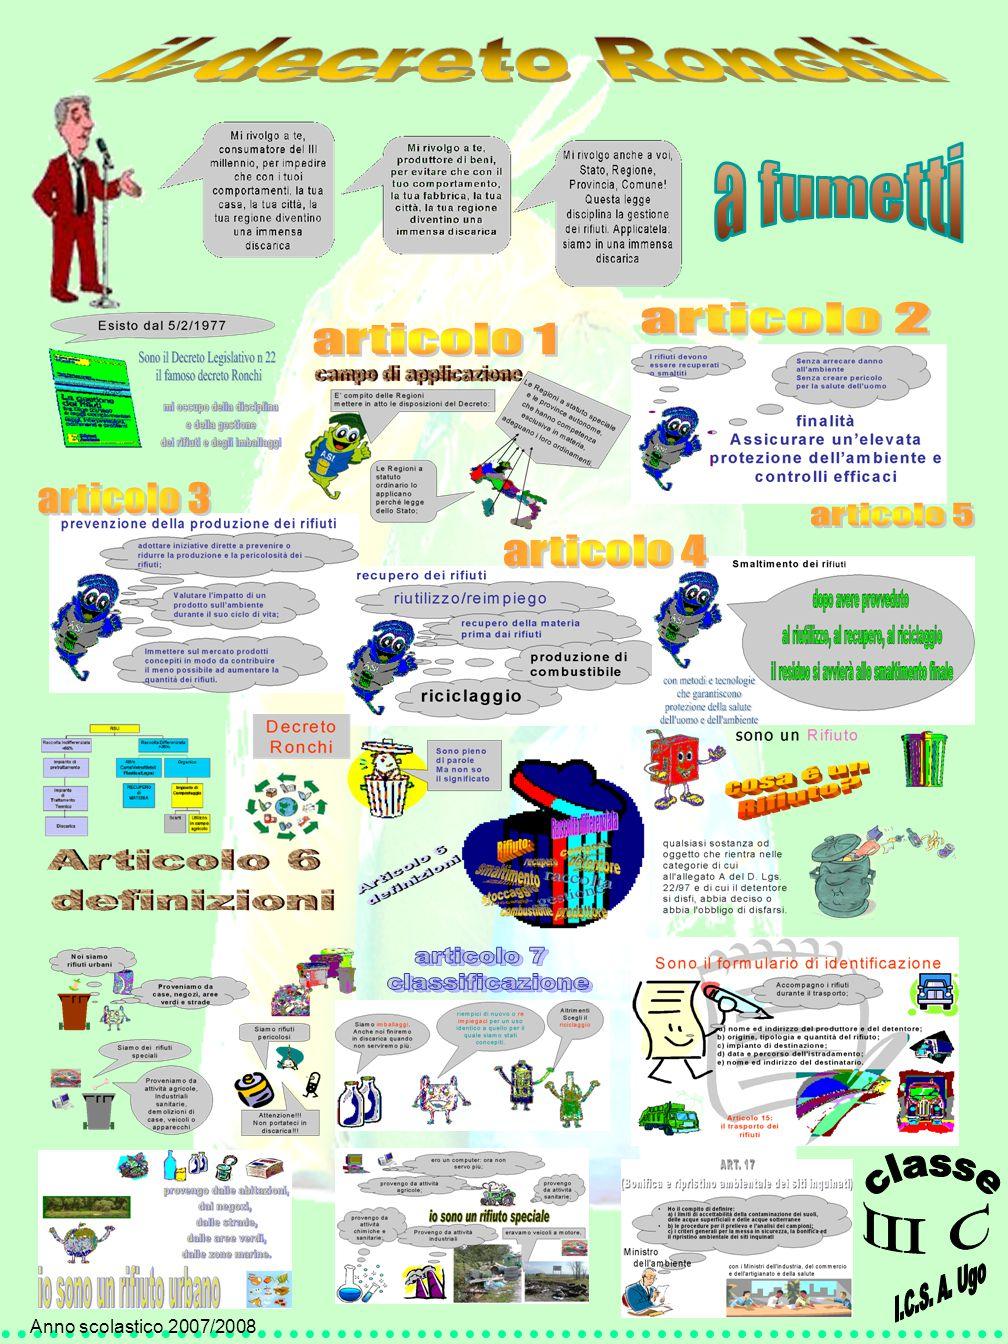 Anno scolastico 2007/2008